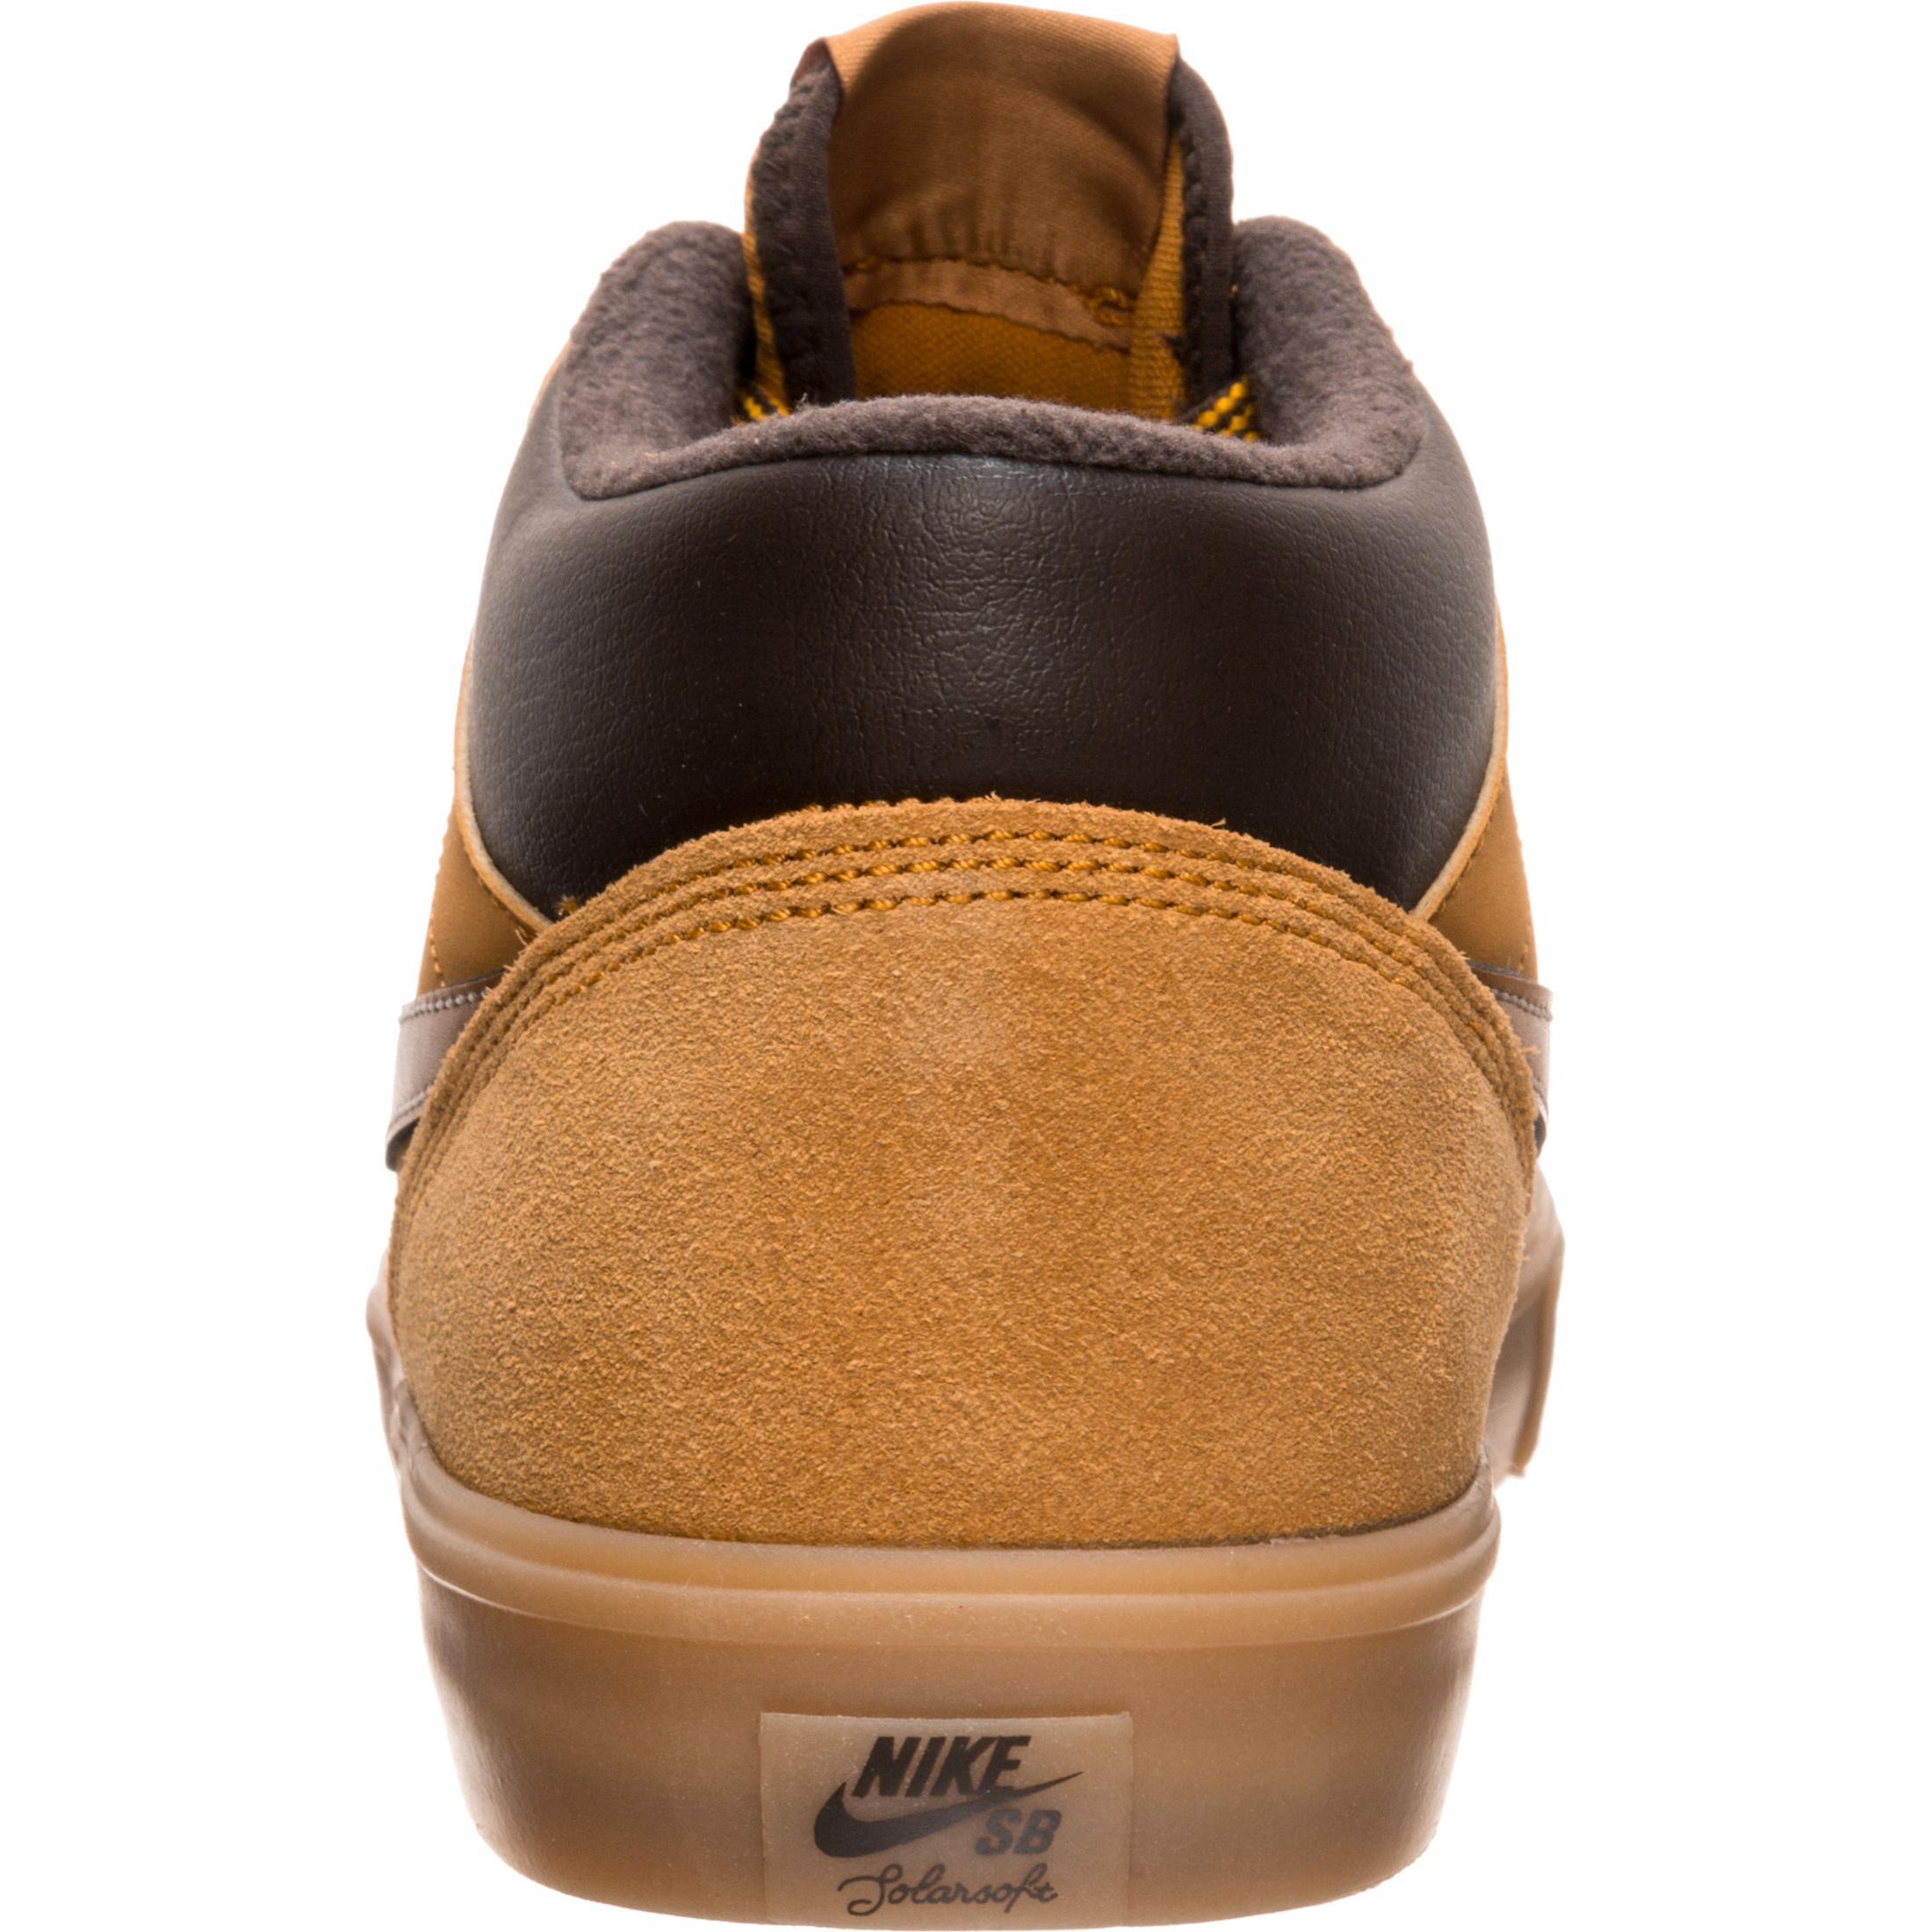 Nike Portmore II Solarsoft Mid Bota Sneaker Herren Herren Herren braun im Online Shop von SportScheck kaufen Gute Qualität beliebte Schuhe 3f3dbe